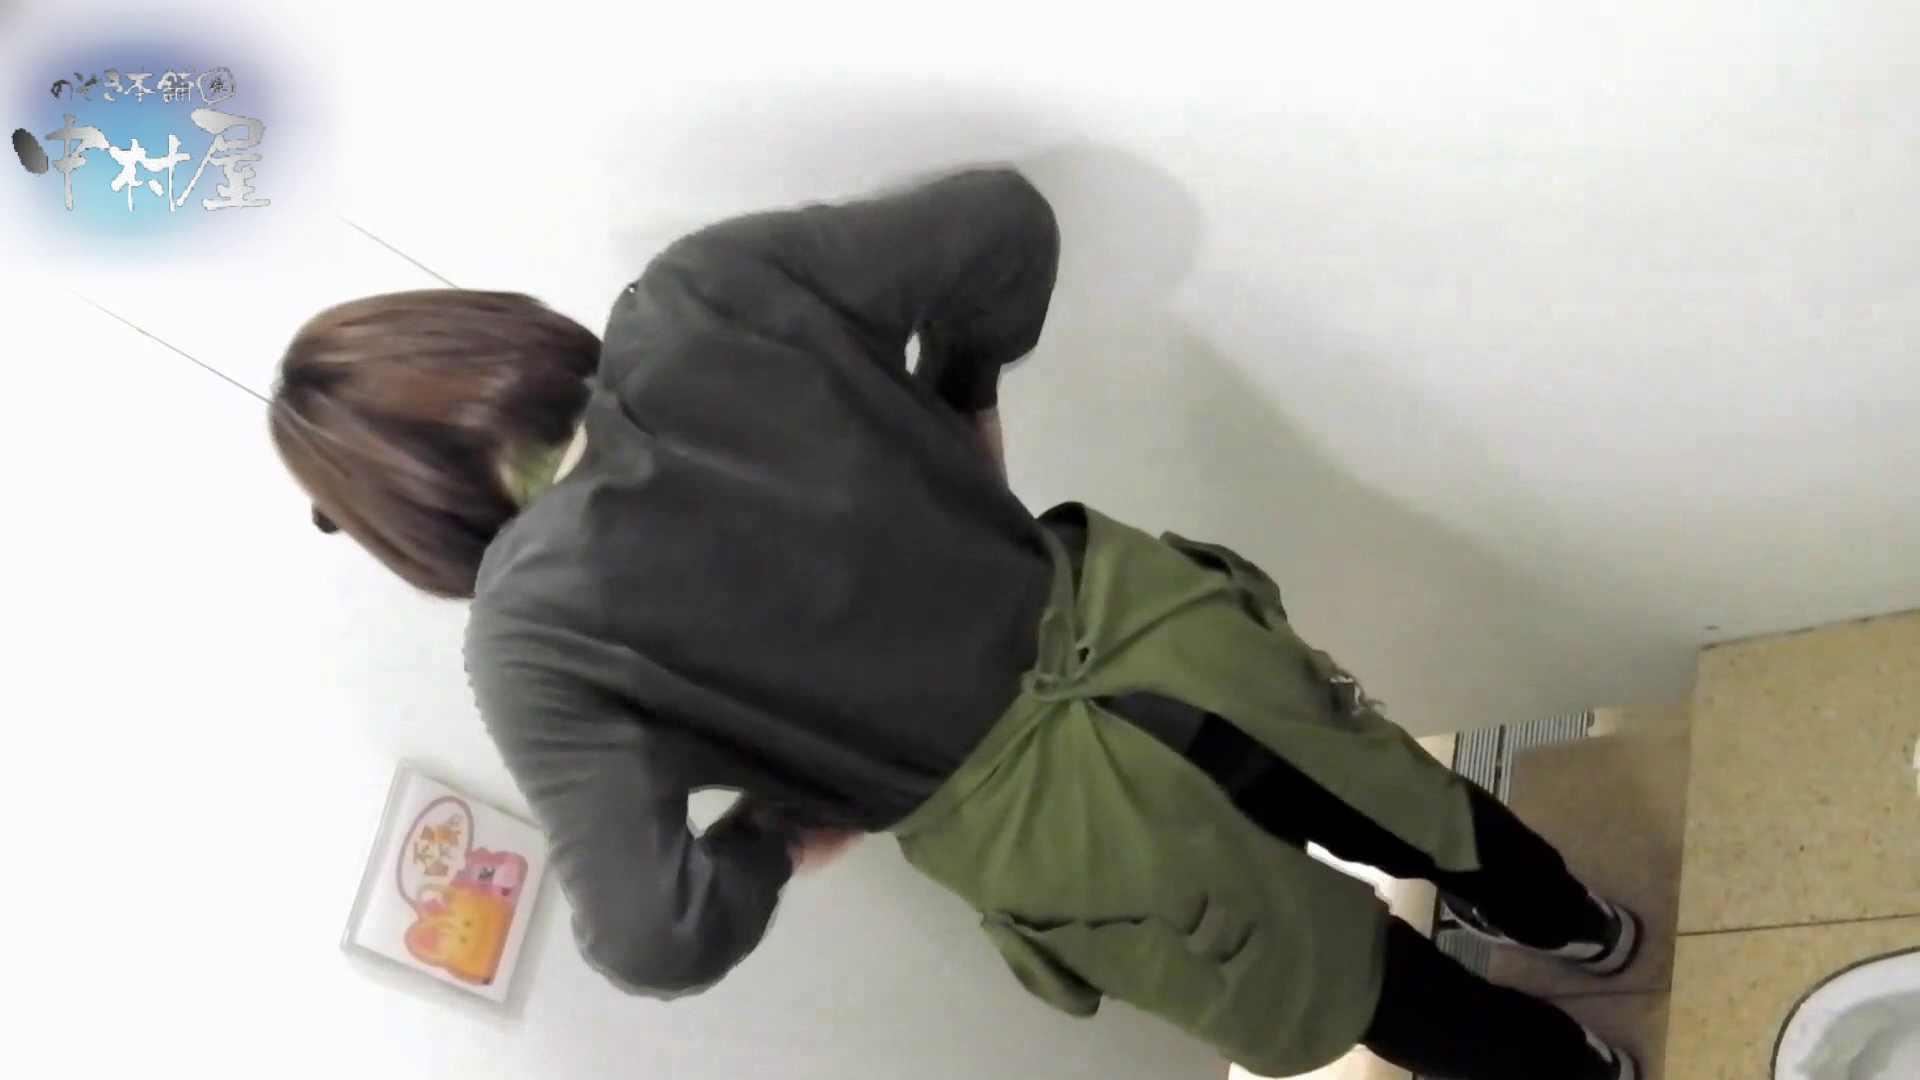 乙女集まる!ショッピングモール潜入撮vol.04 0   0  76pic 17